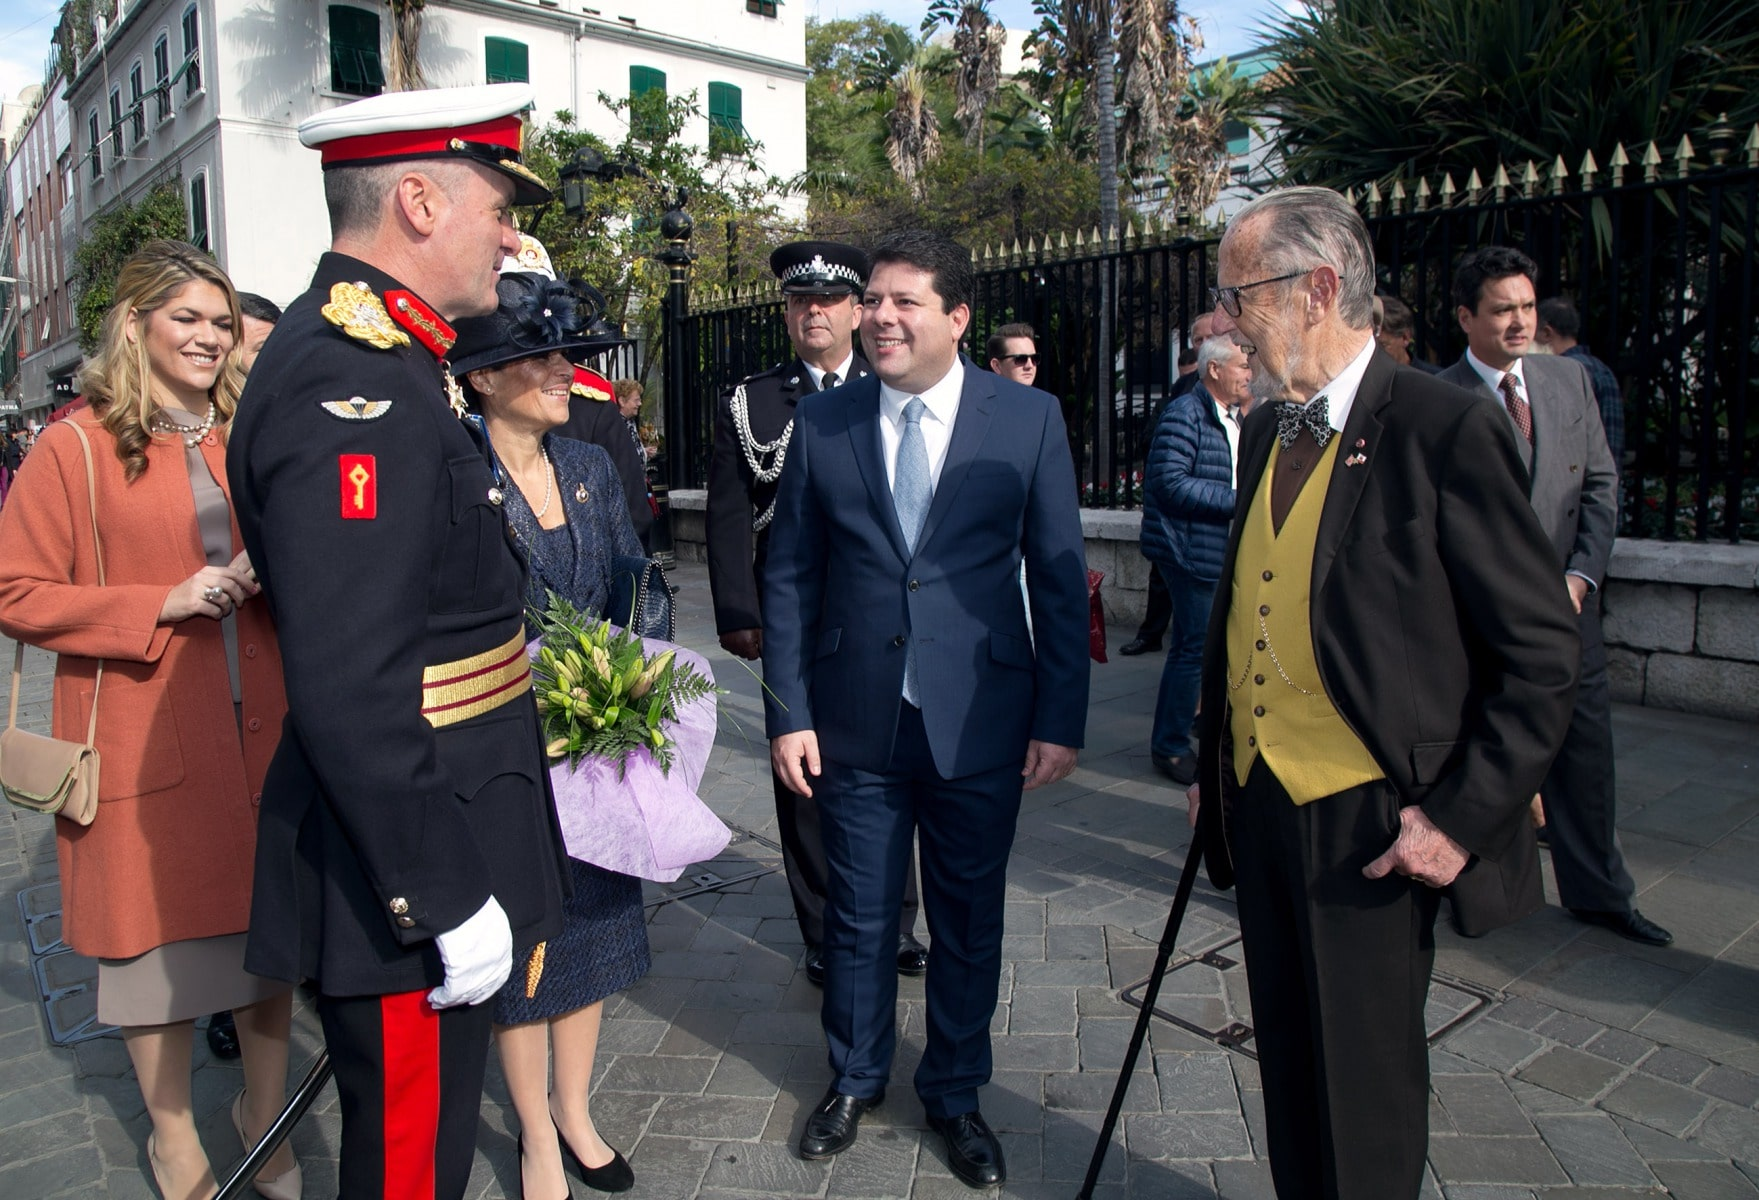 gobernador-de-gibraltar-edward-davis_24388721352_o